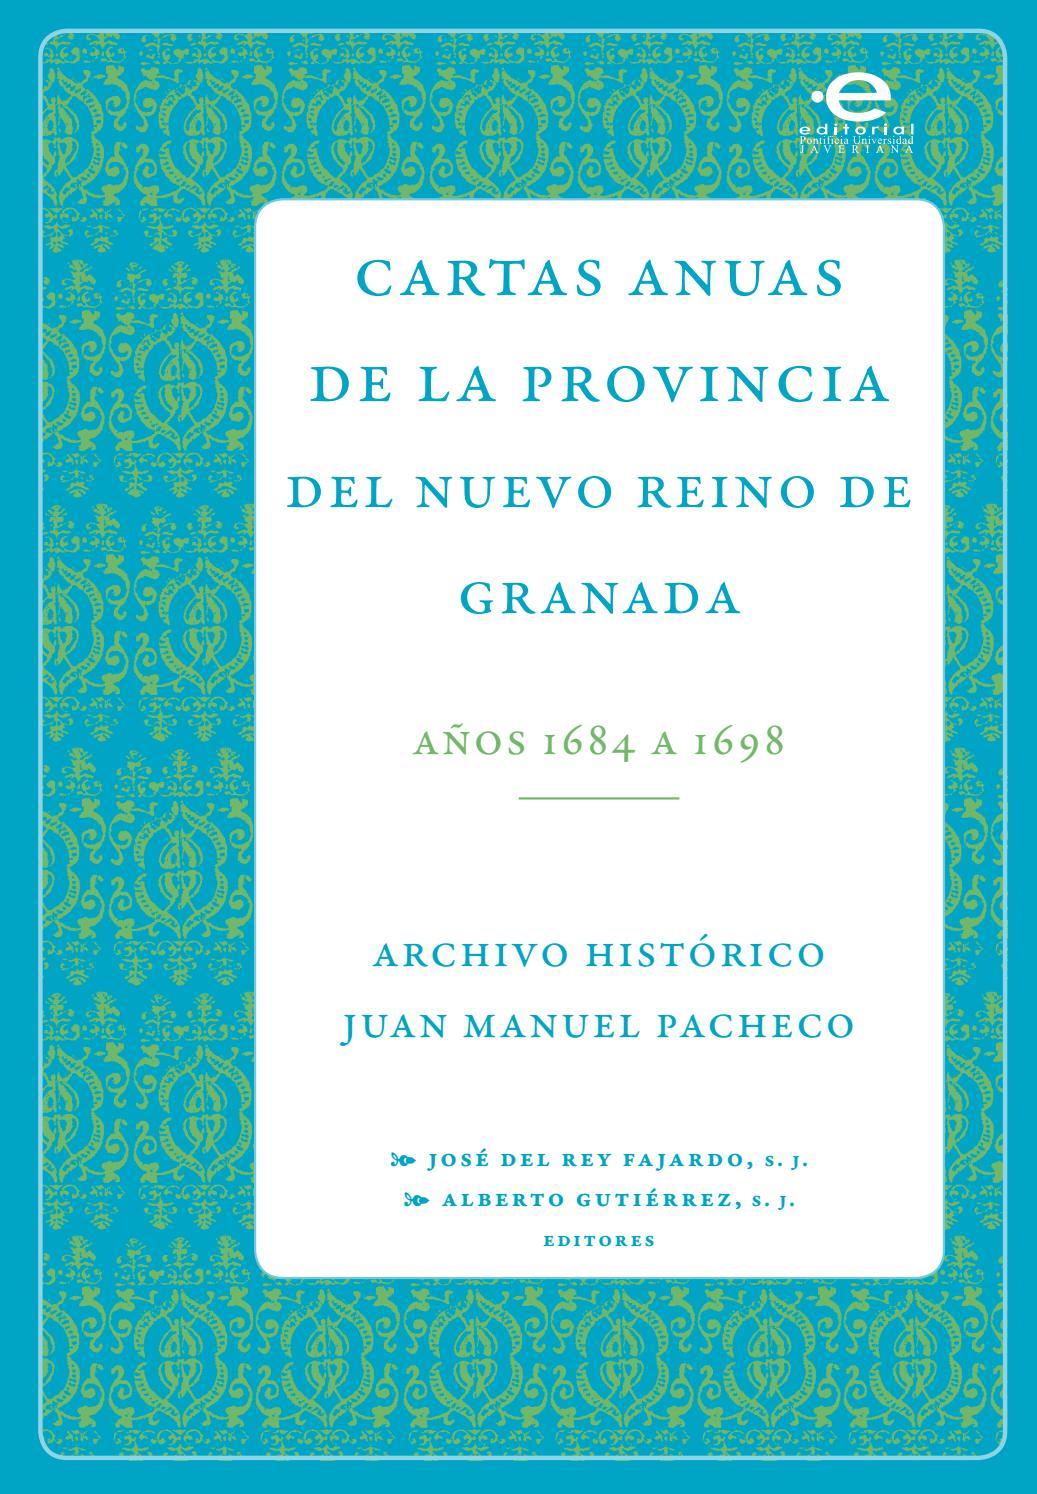 Cartas anuas de la provincia del nuevo reino de granada, Años 1684 a ...